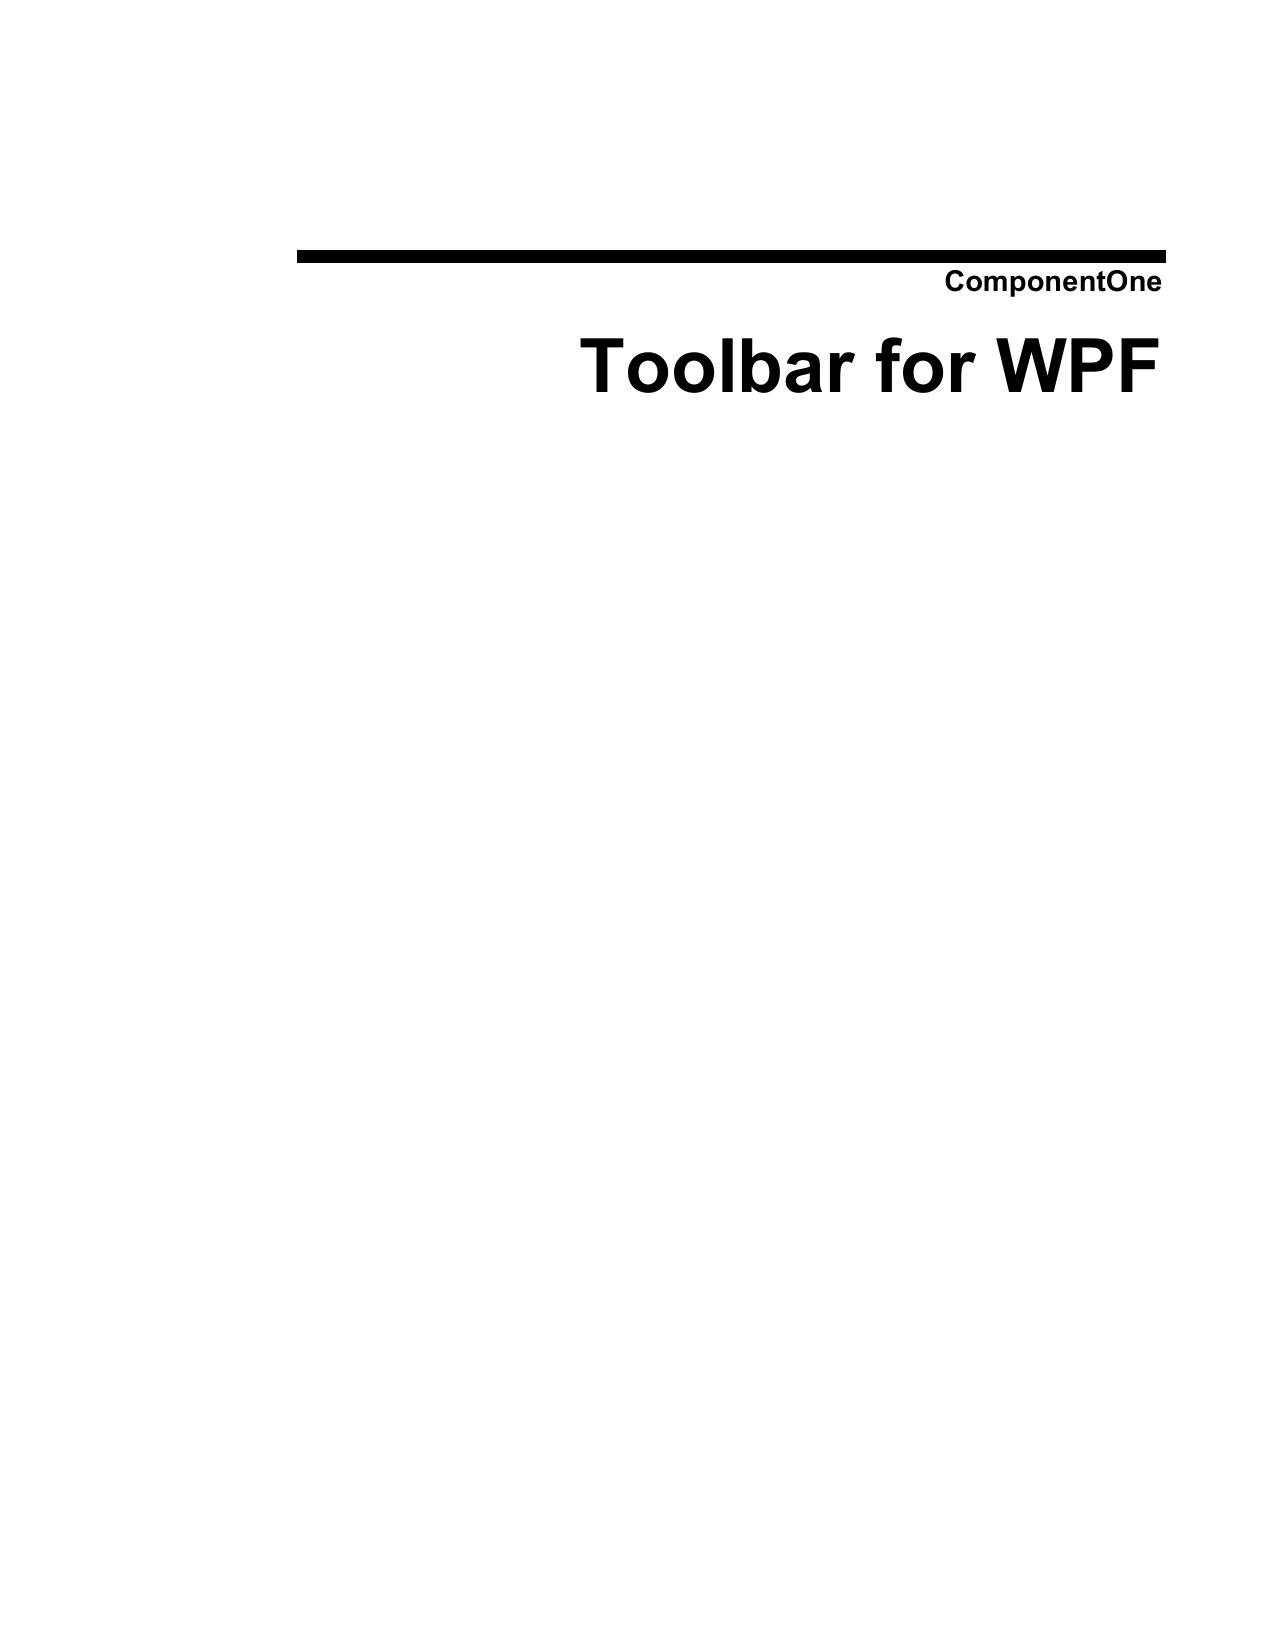 ComponentOne Toolbar for WPF | manualzz com